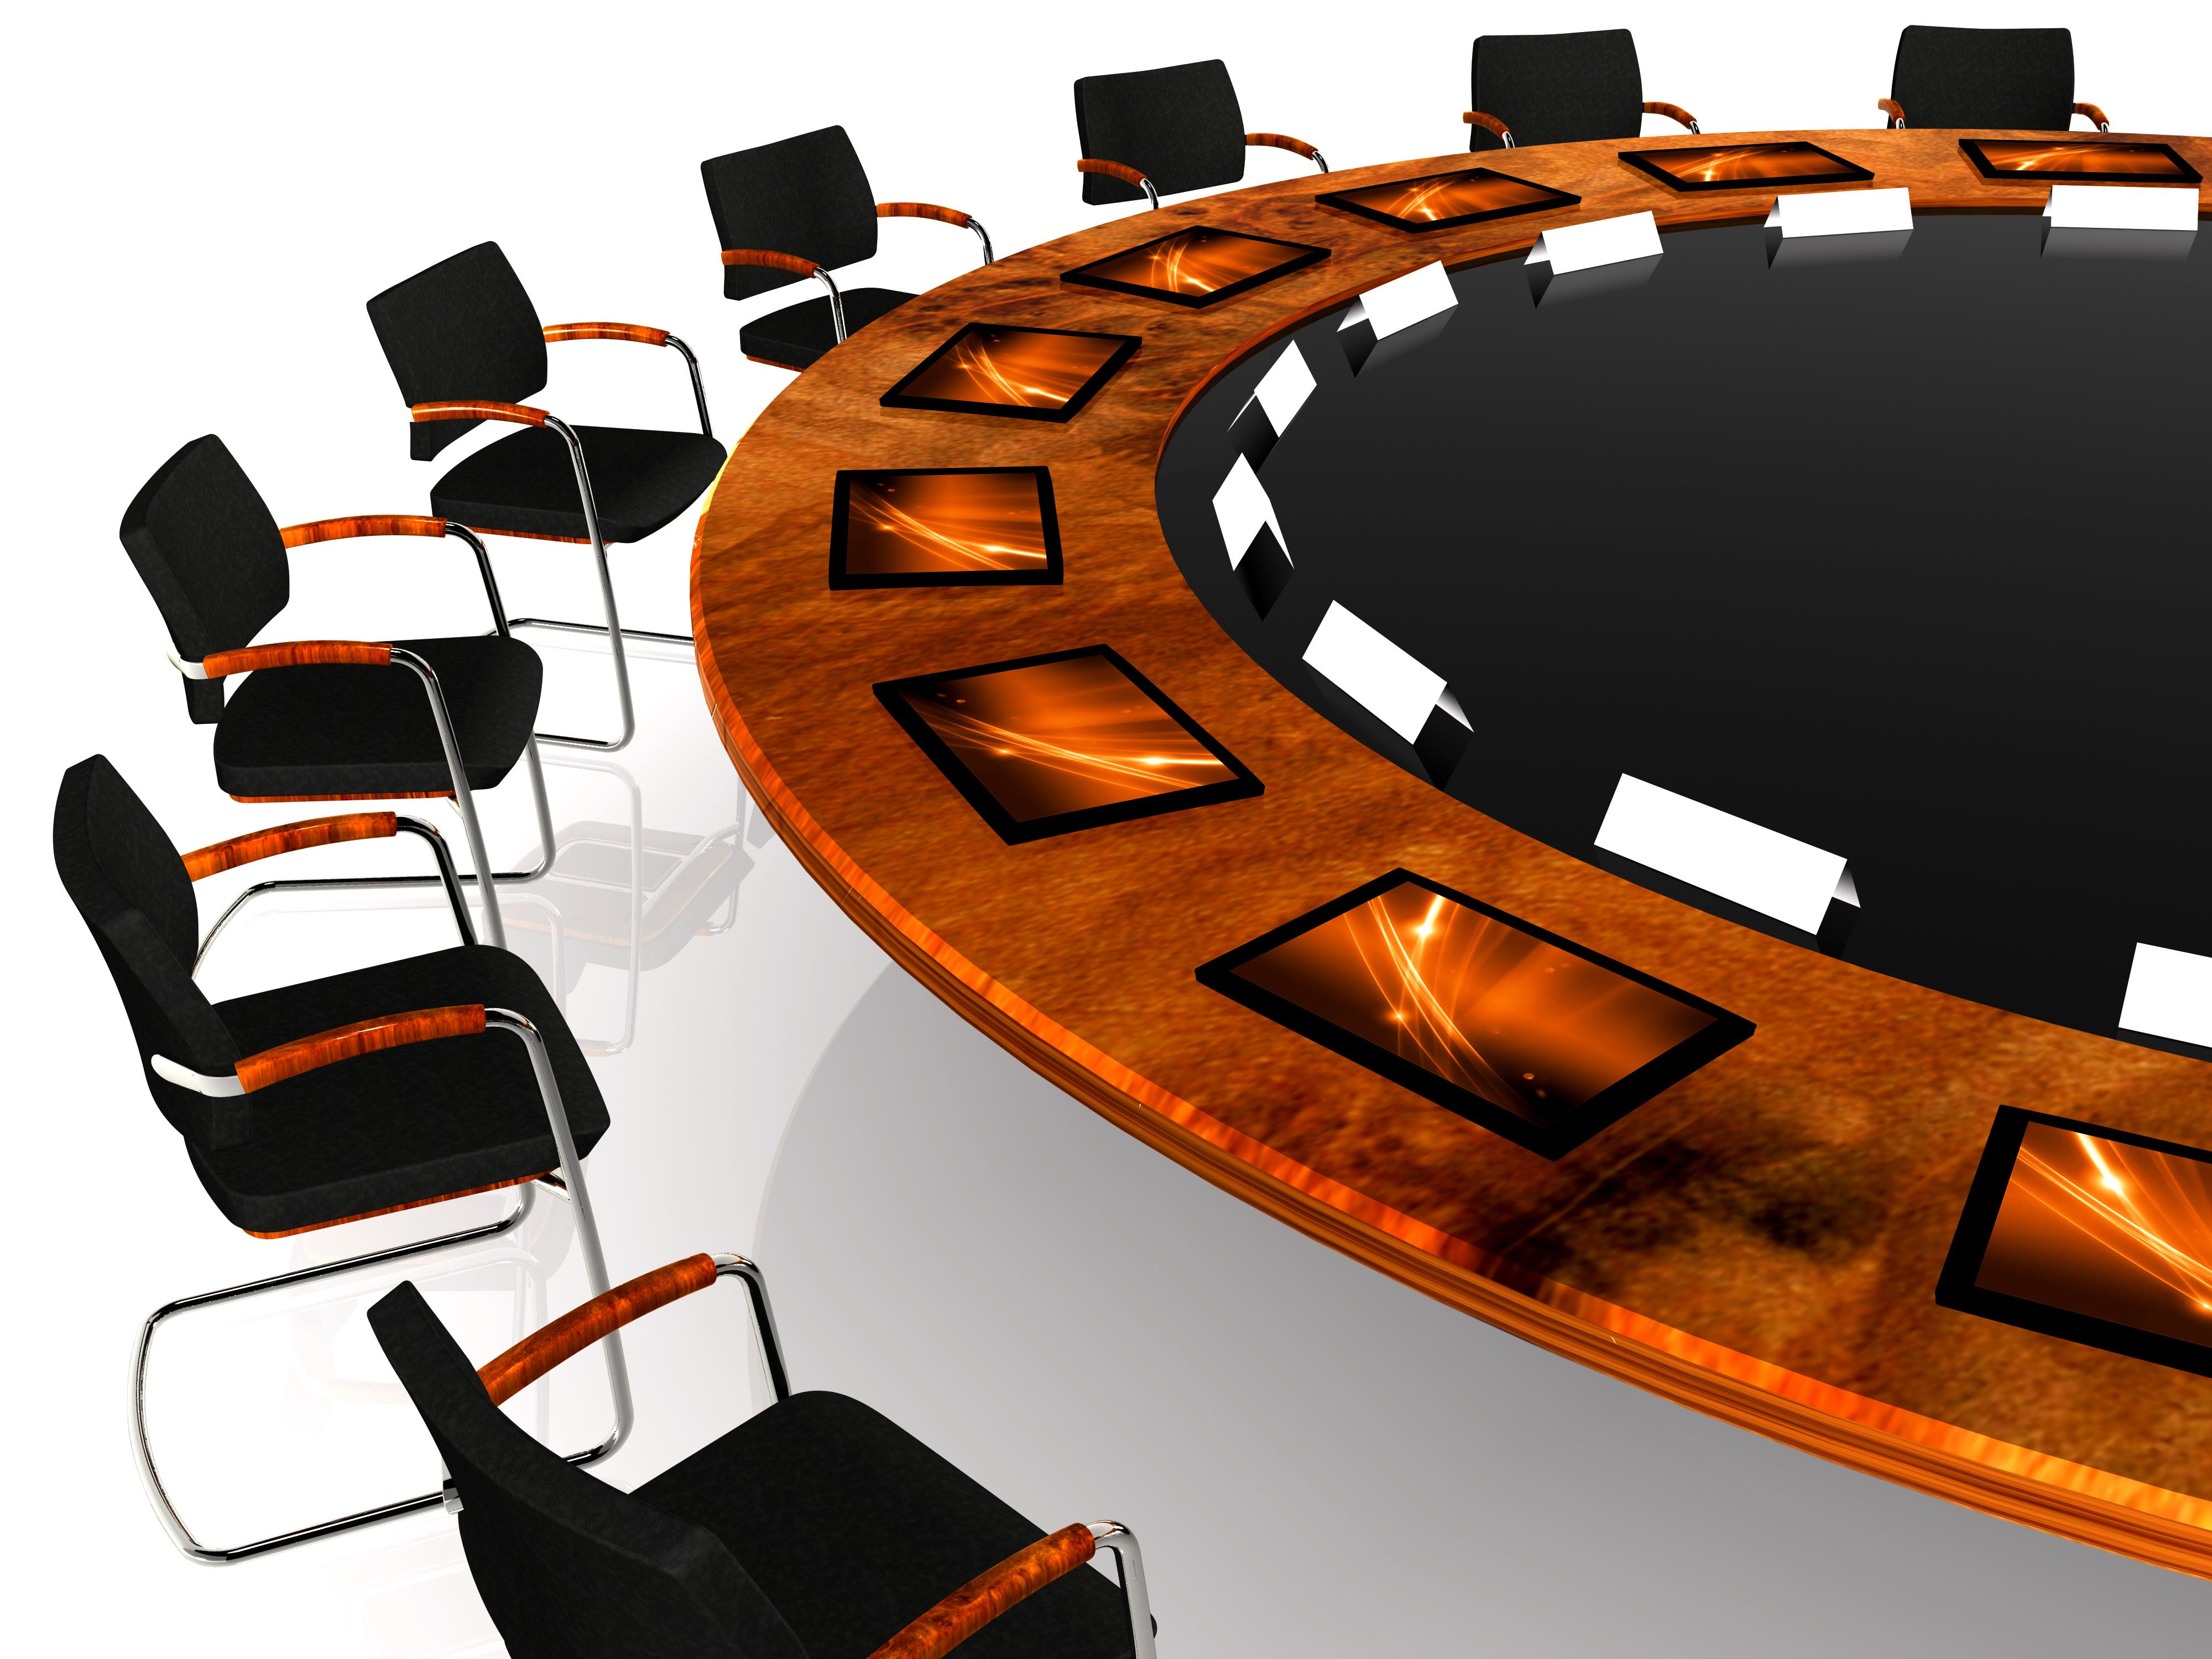 バーチャル株主総会(オンライン株主総会)の実施企業と10の成功事例【2021年1月最新】